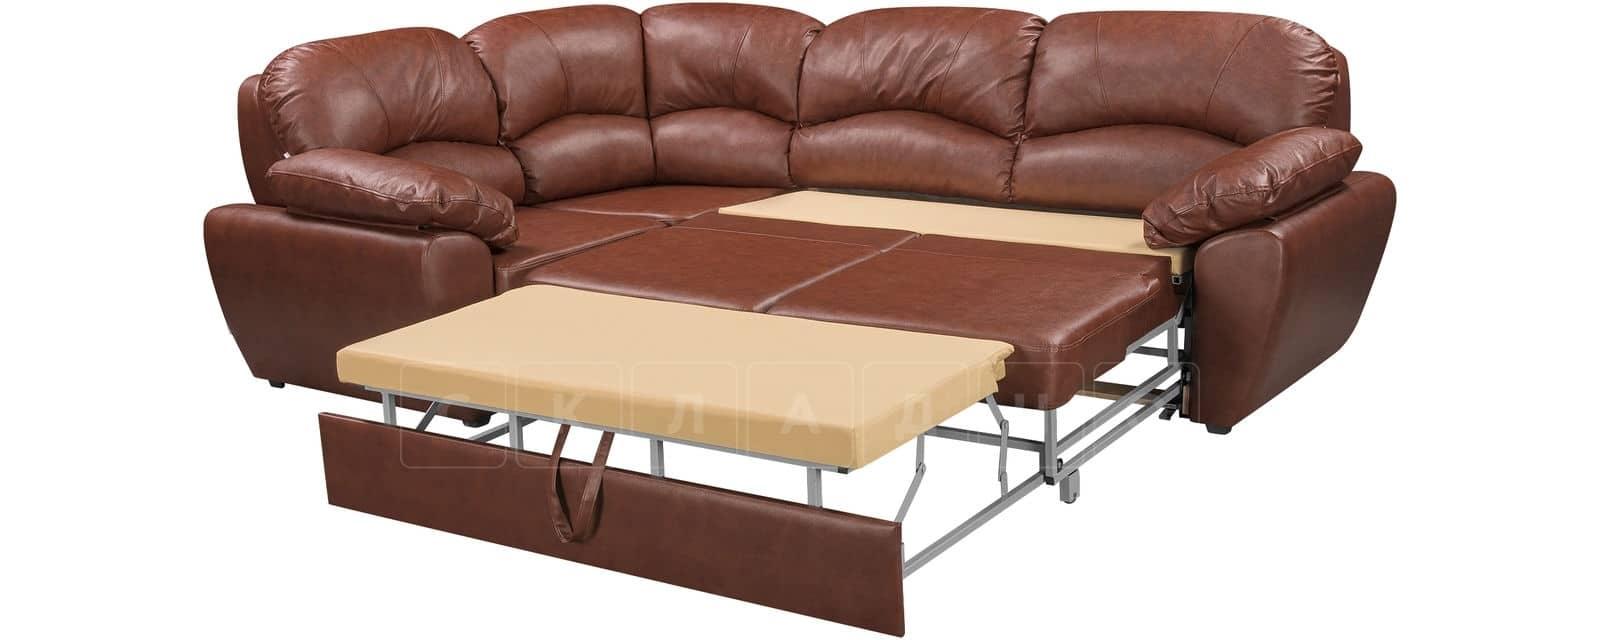 Угловой диван Эвита кожаный коричневый левый угол фото 5   интернет-магазин Складно